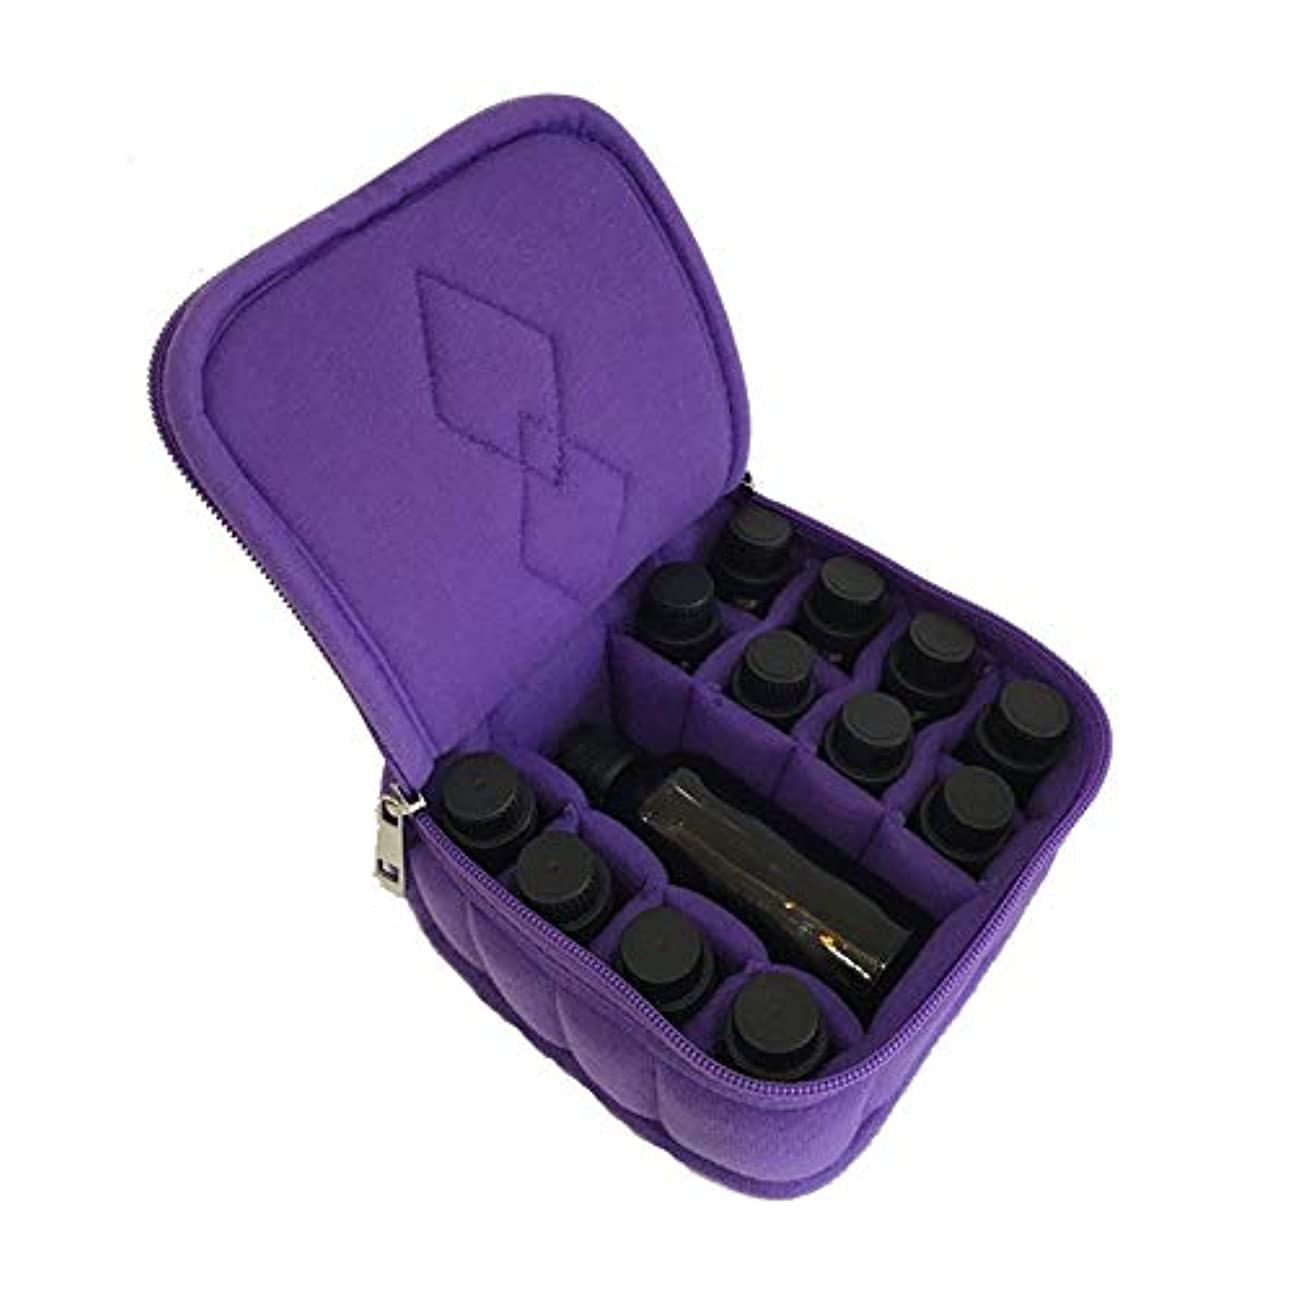 原始的な首個人的な精油ケース 主催は、保持ケースエクステリア収納ボックスキャリング12のスロットエッセンシャルオイル 携帯便利 (色 : 紫の, サイズ : 15X15X8CM)